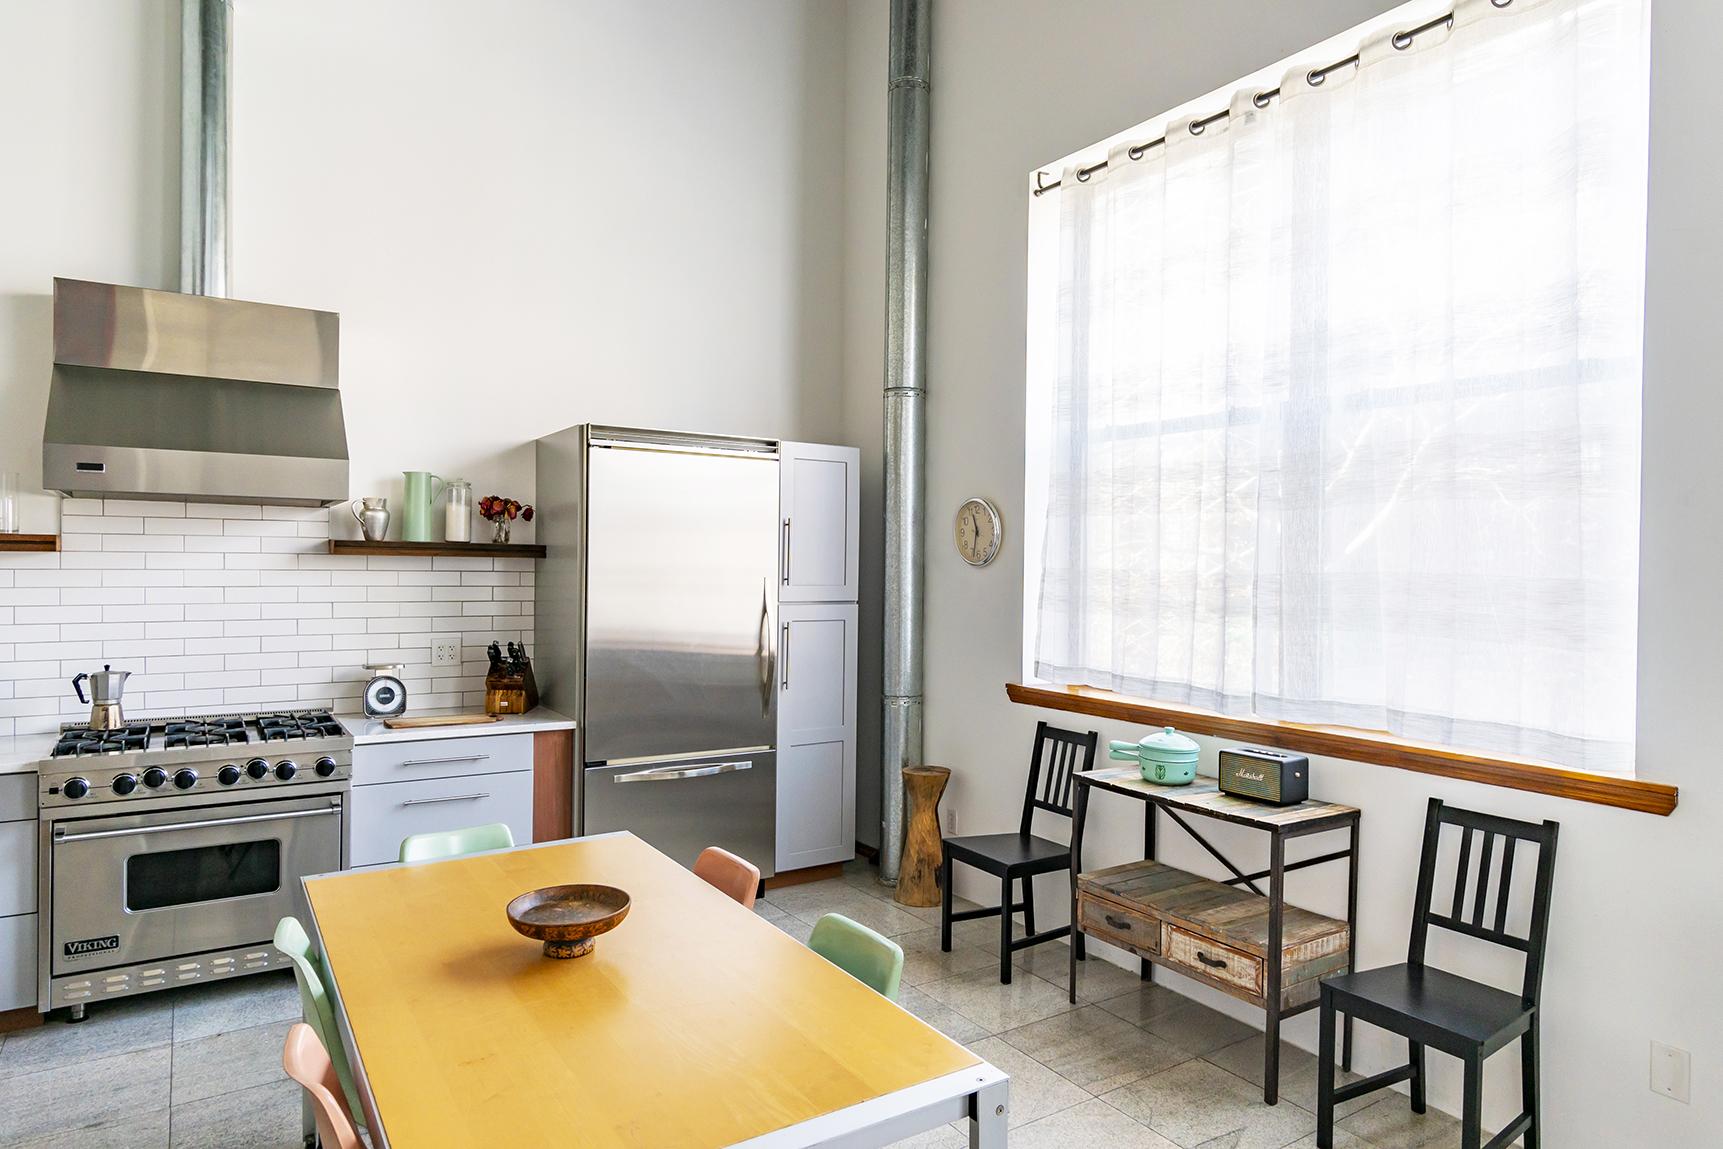 Studio Kitchen dining area